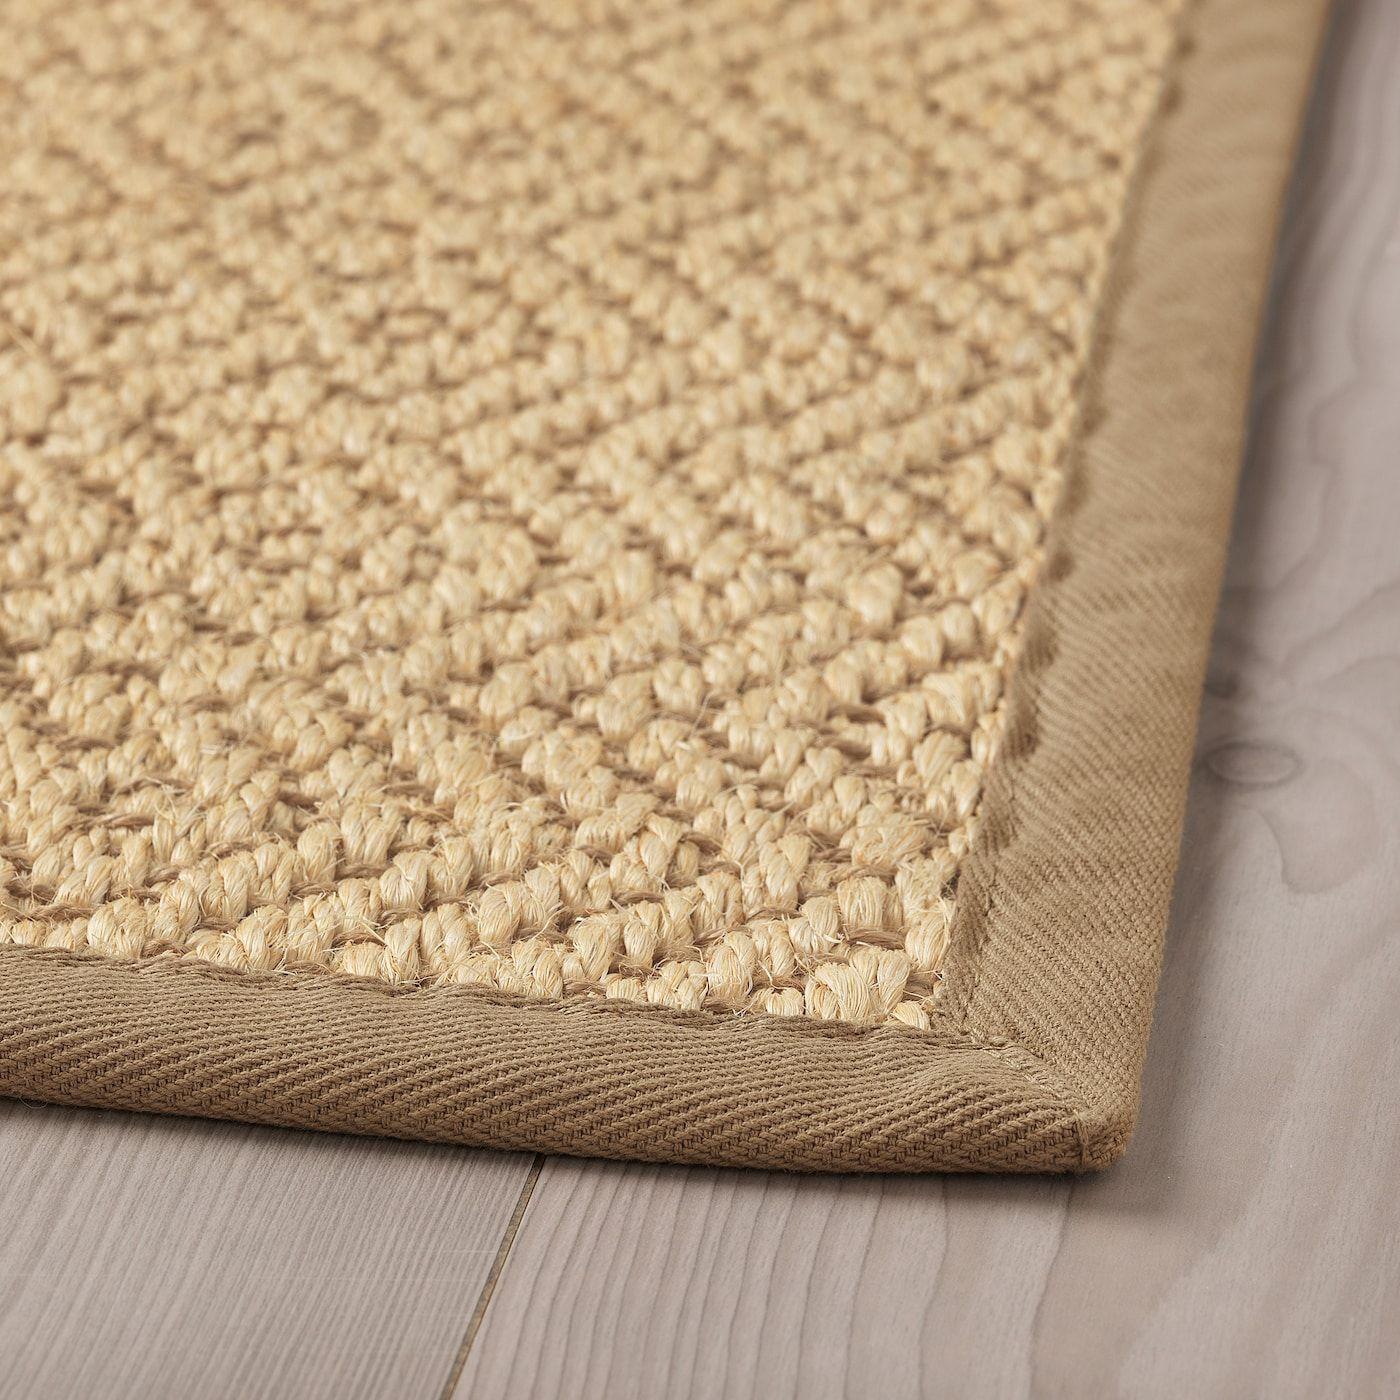 Vistoft Rug Flatwoven Natural Ca Ikea Teppich Flach Gewebt Teppich Teppich Reinigen